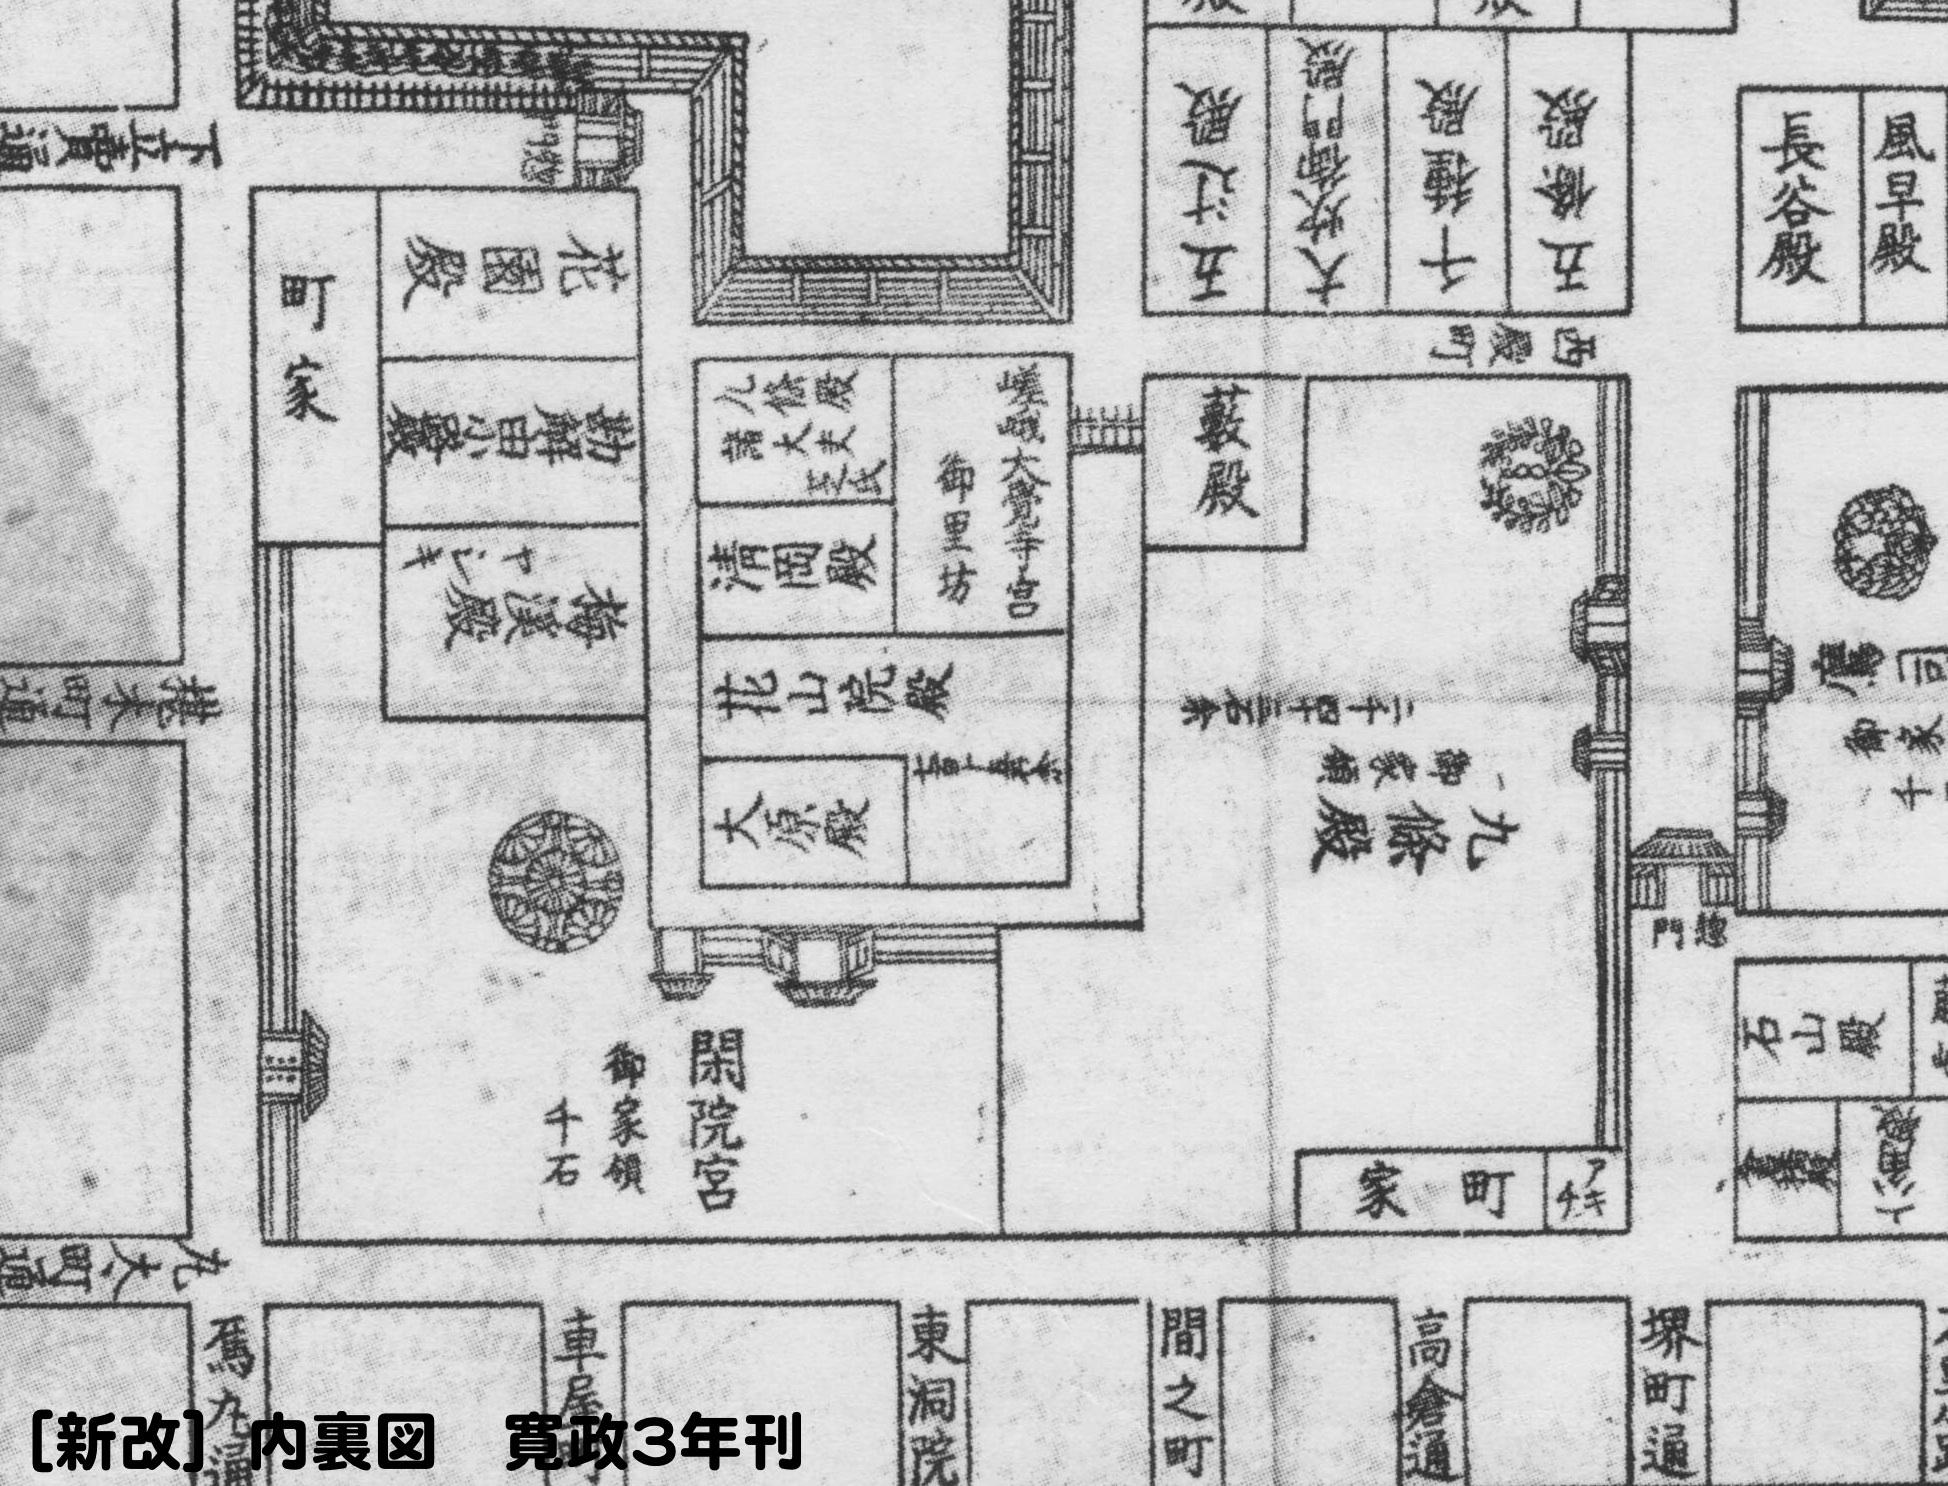 3:[新改]内裏図 寛政3年刊